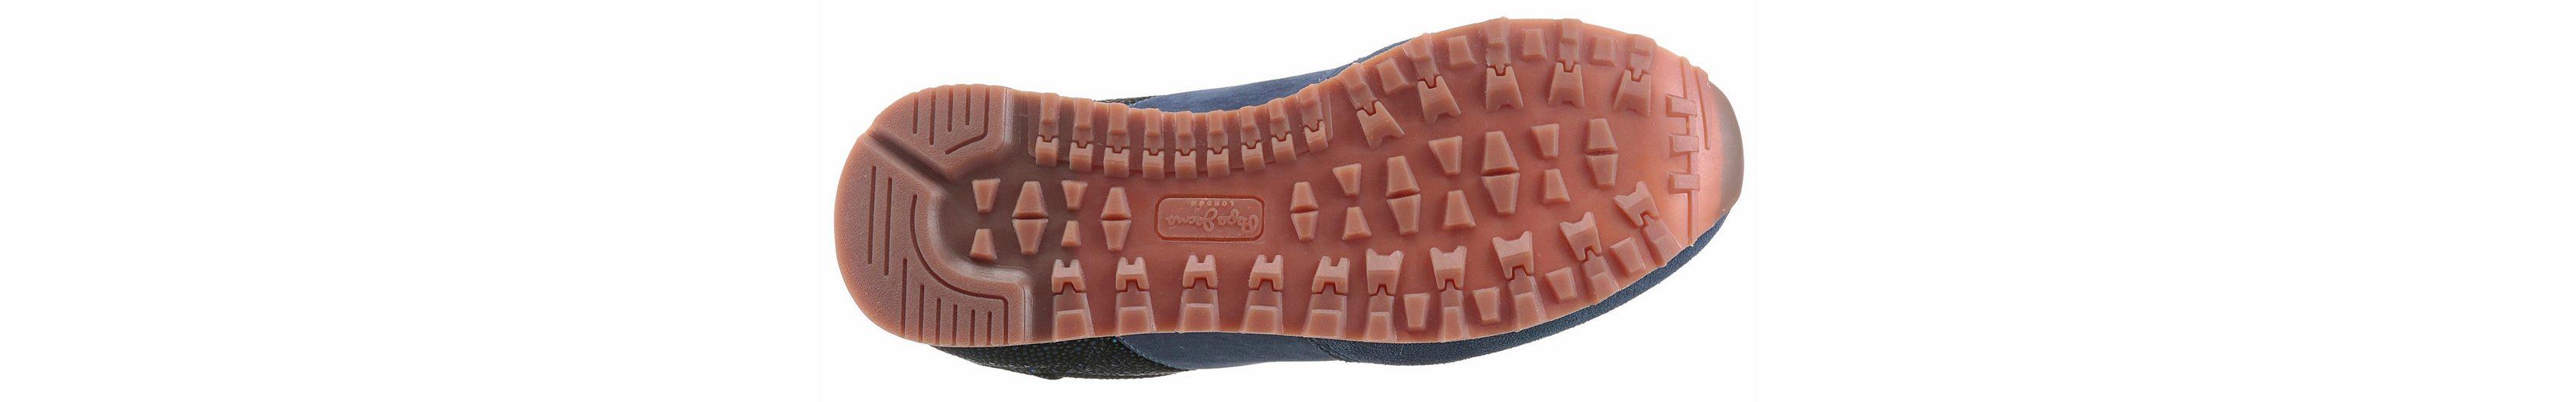 Pepe Jeans Verona Flash Sneaker, mit modischen Nieten